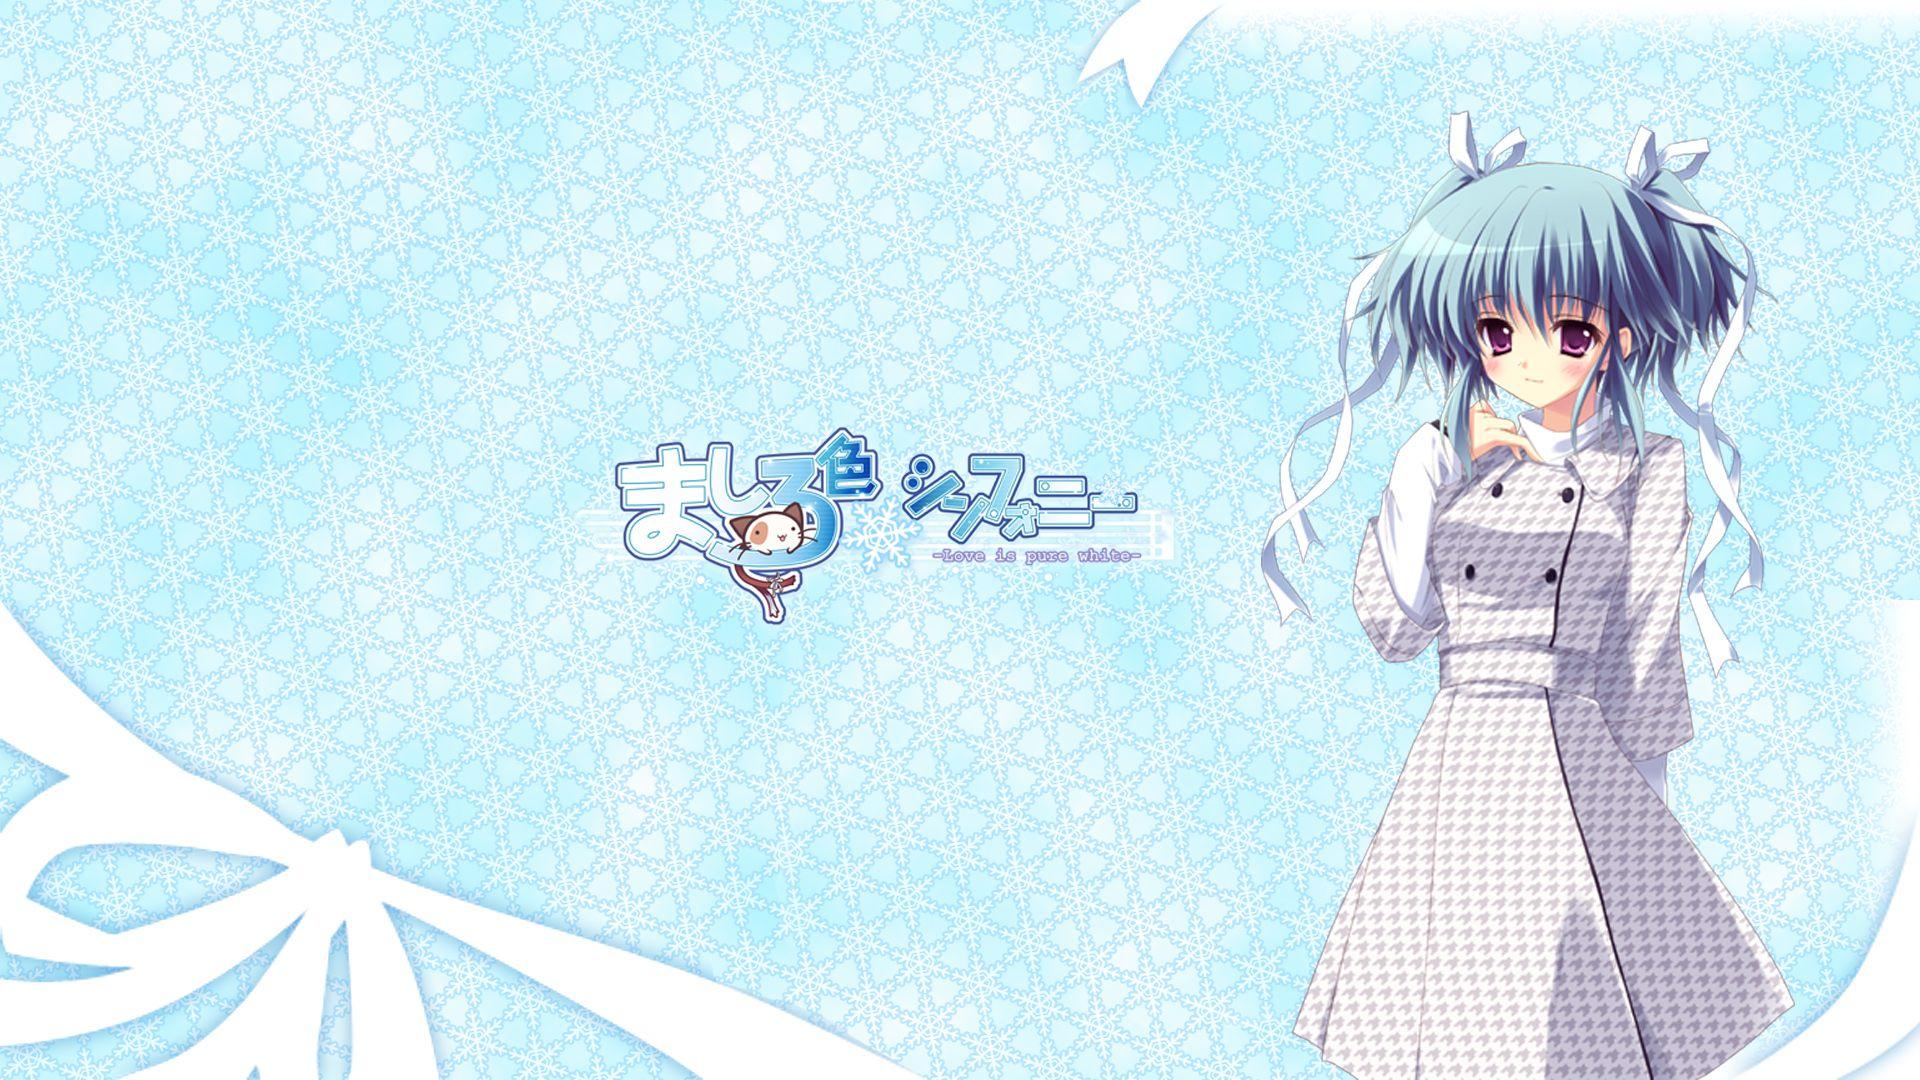 Konachan.com - 63079 mashiroiro_symphony uryu_sakuno